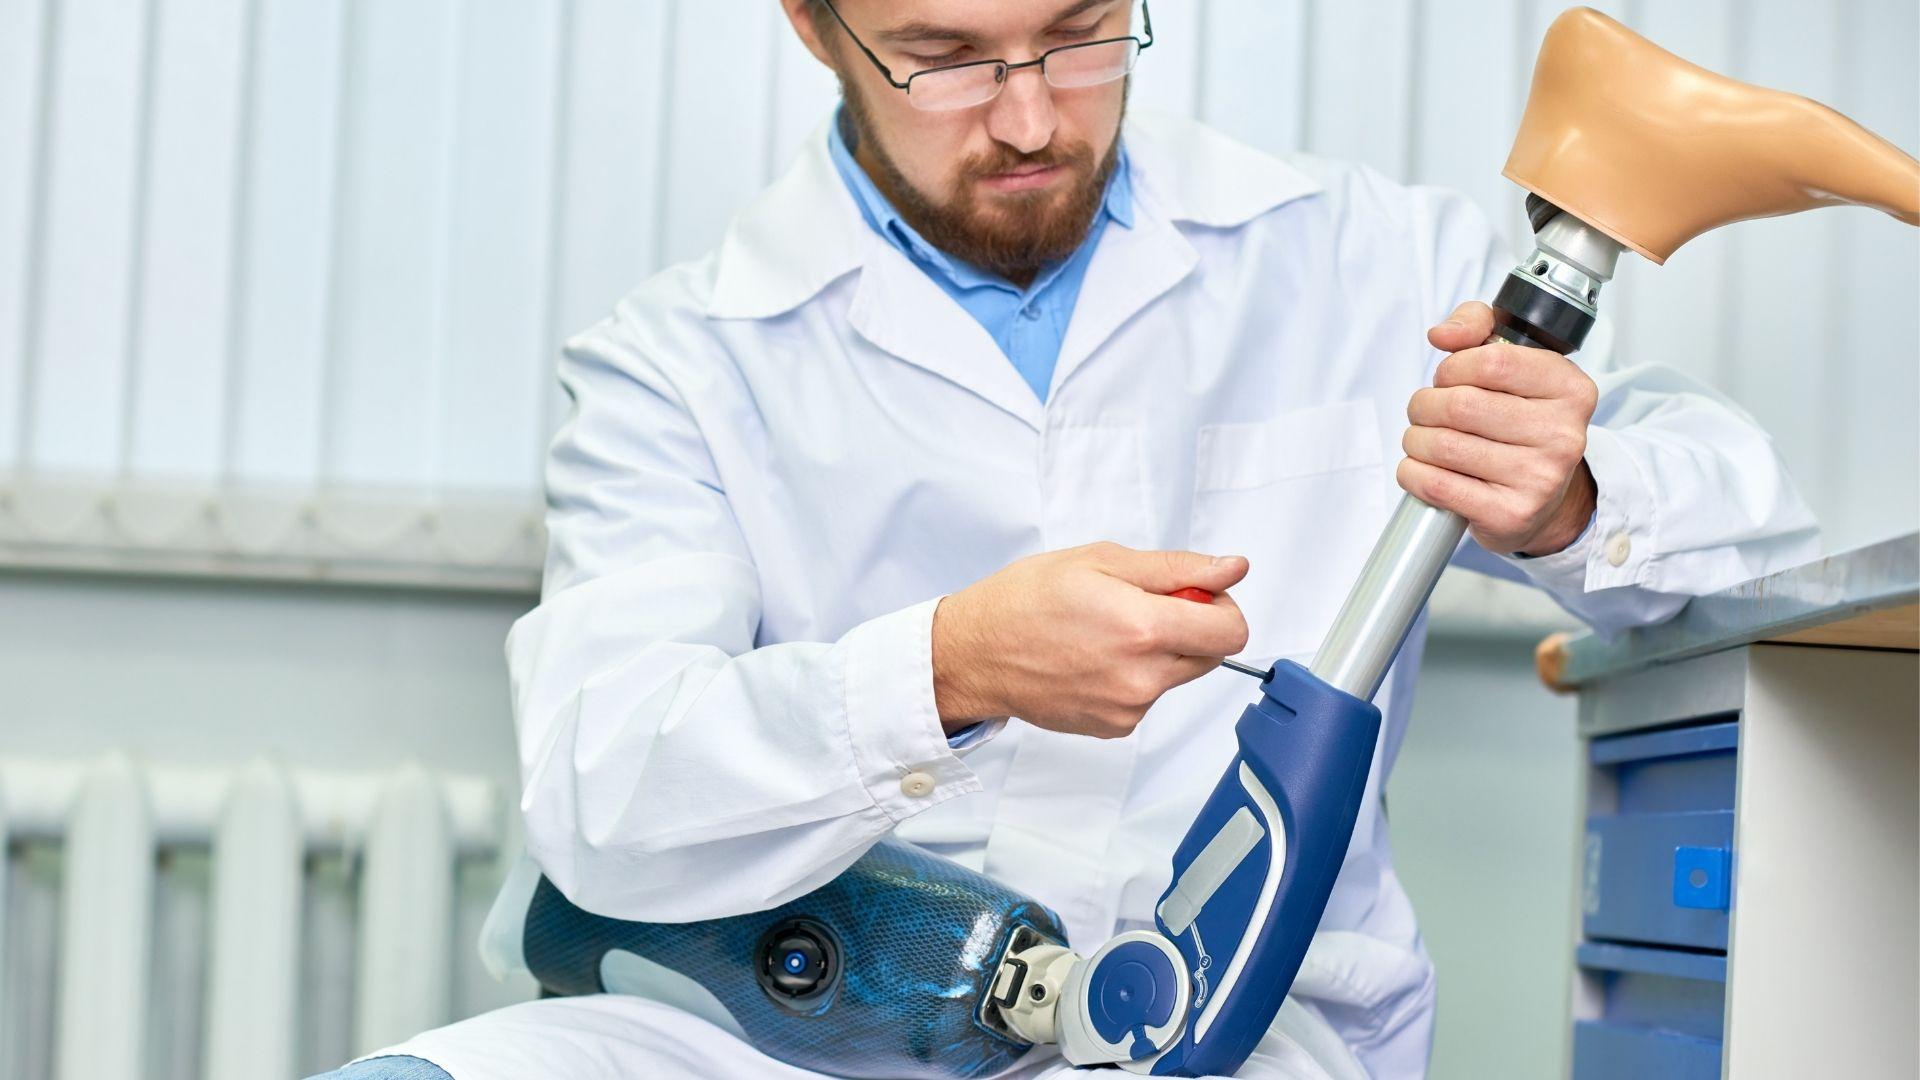 Orthopedic Prosthesis and Orthotics